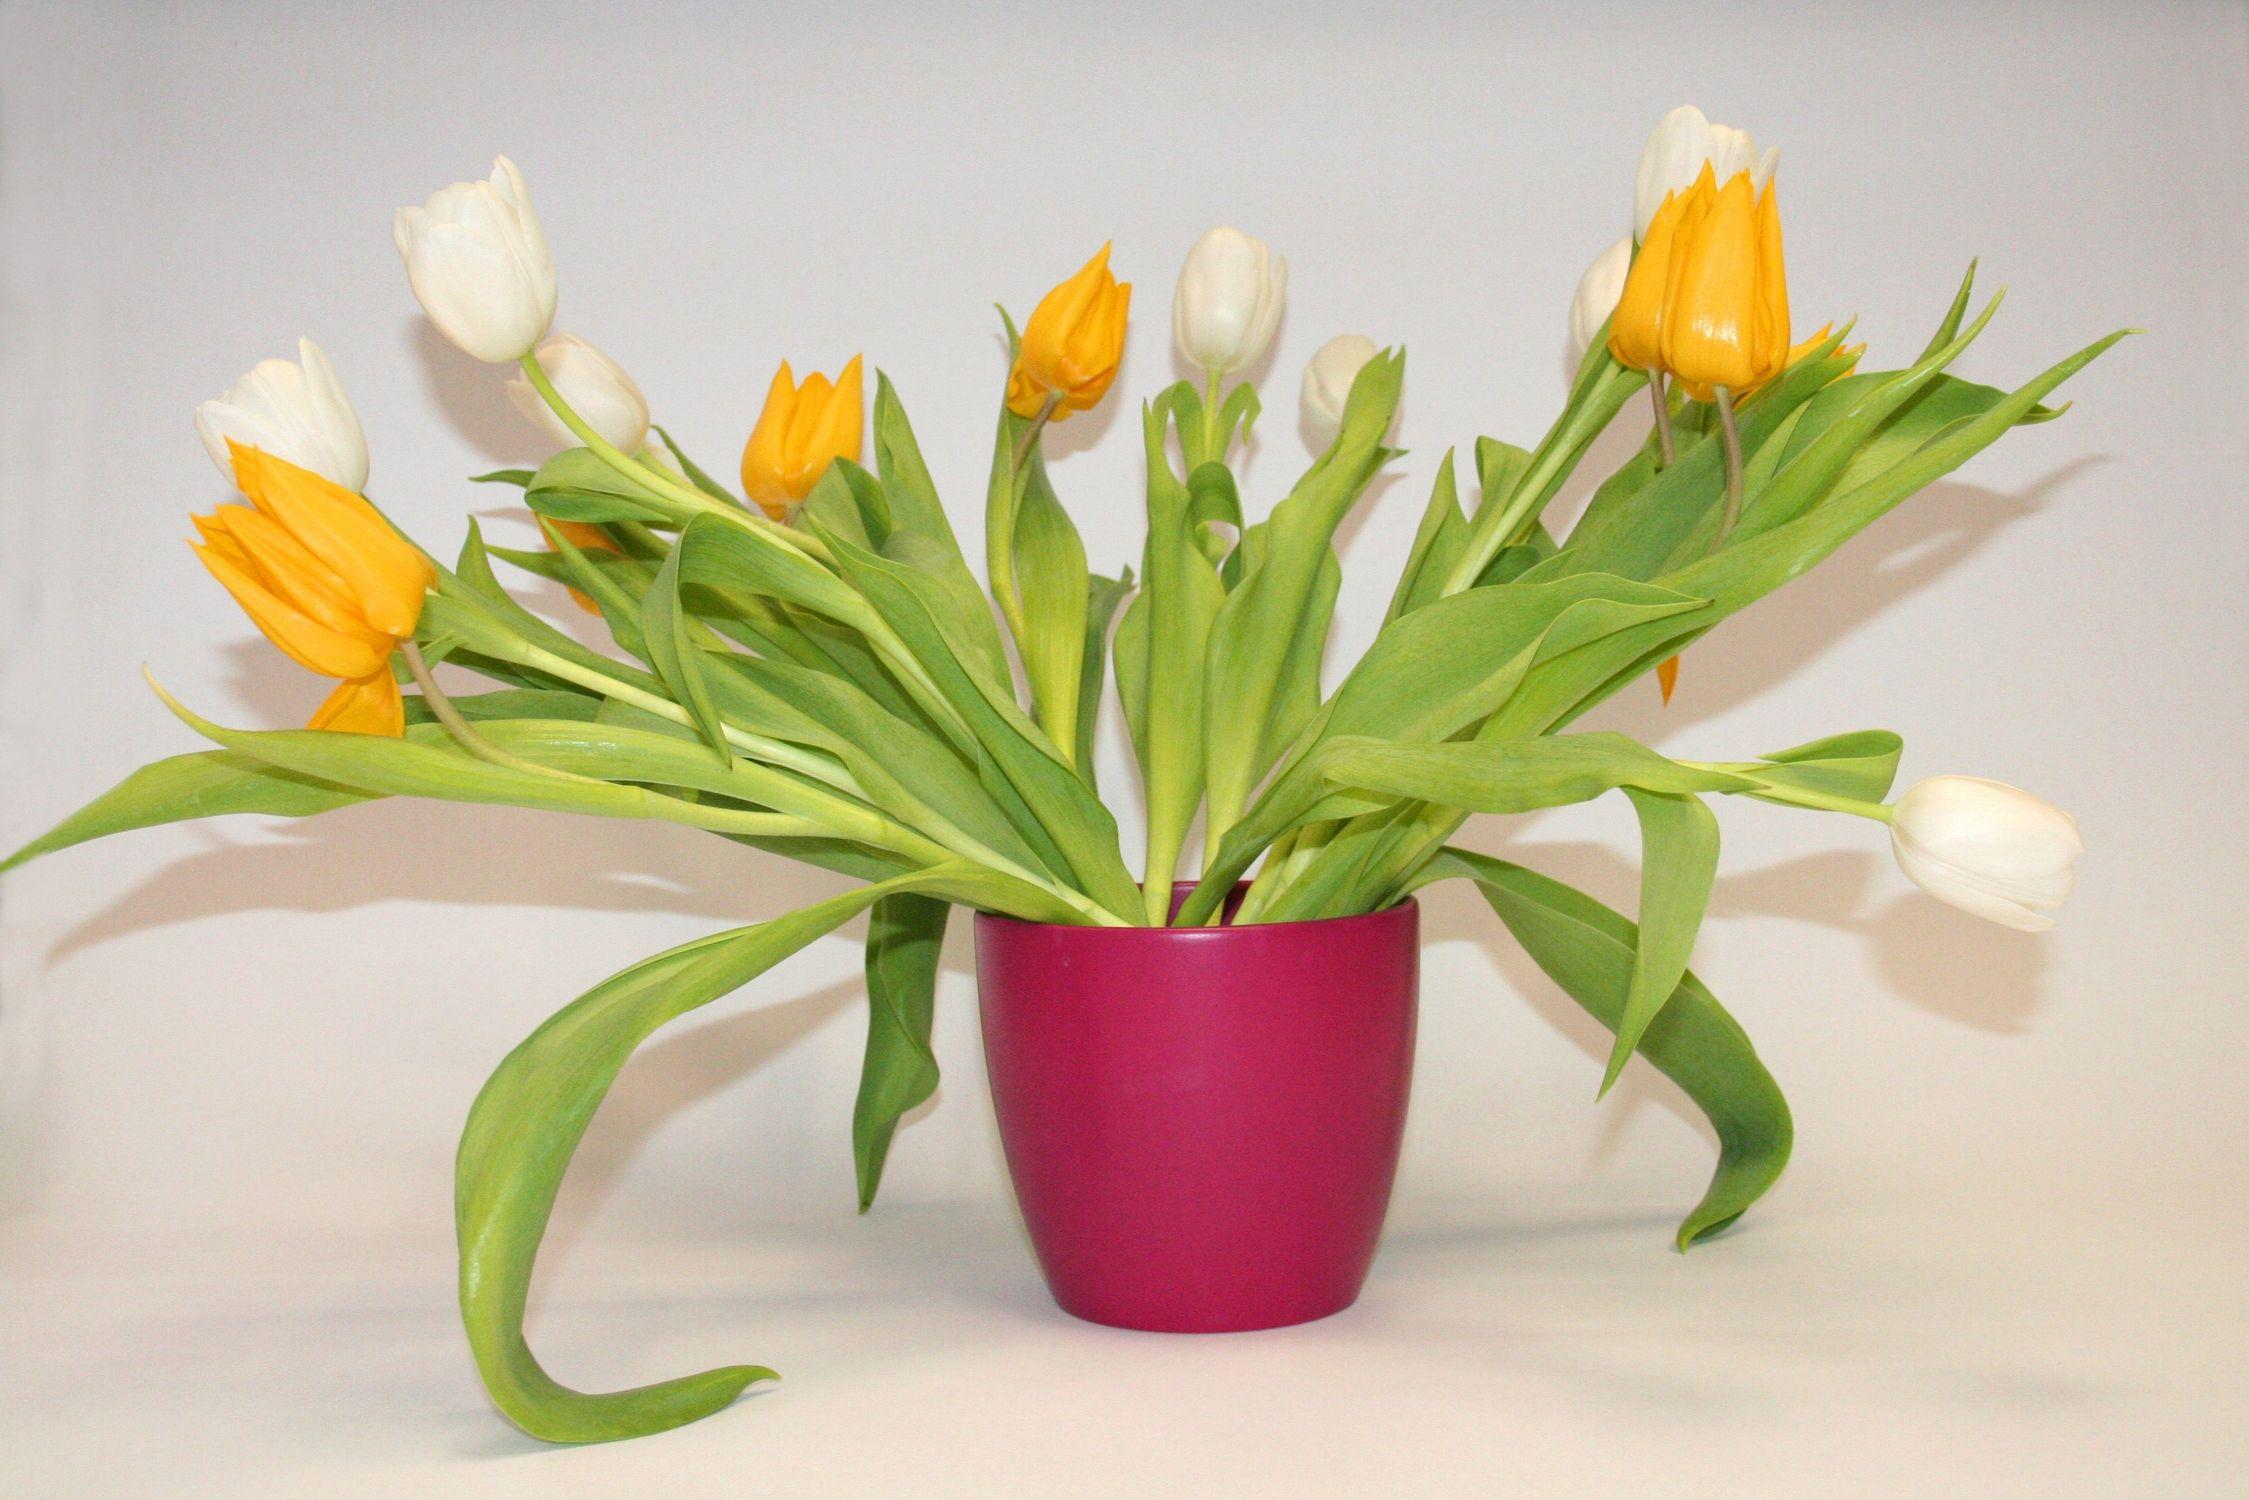 Bild mit Gegenstände, Natur, Pflanzen, Blumen, Töpfe, Sträuße, Tulpe, Tulpen, Tulpenstrauß, Blumenstrauß